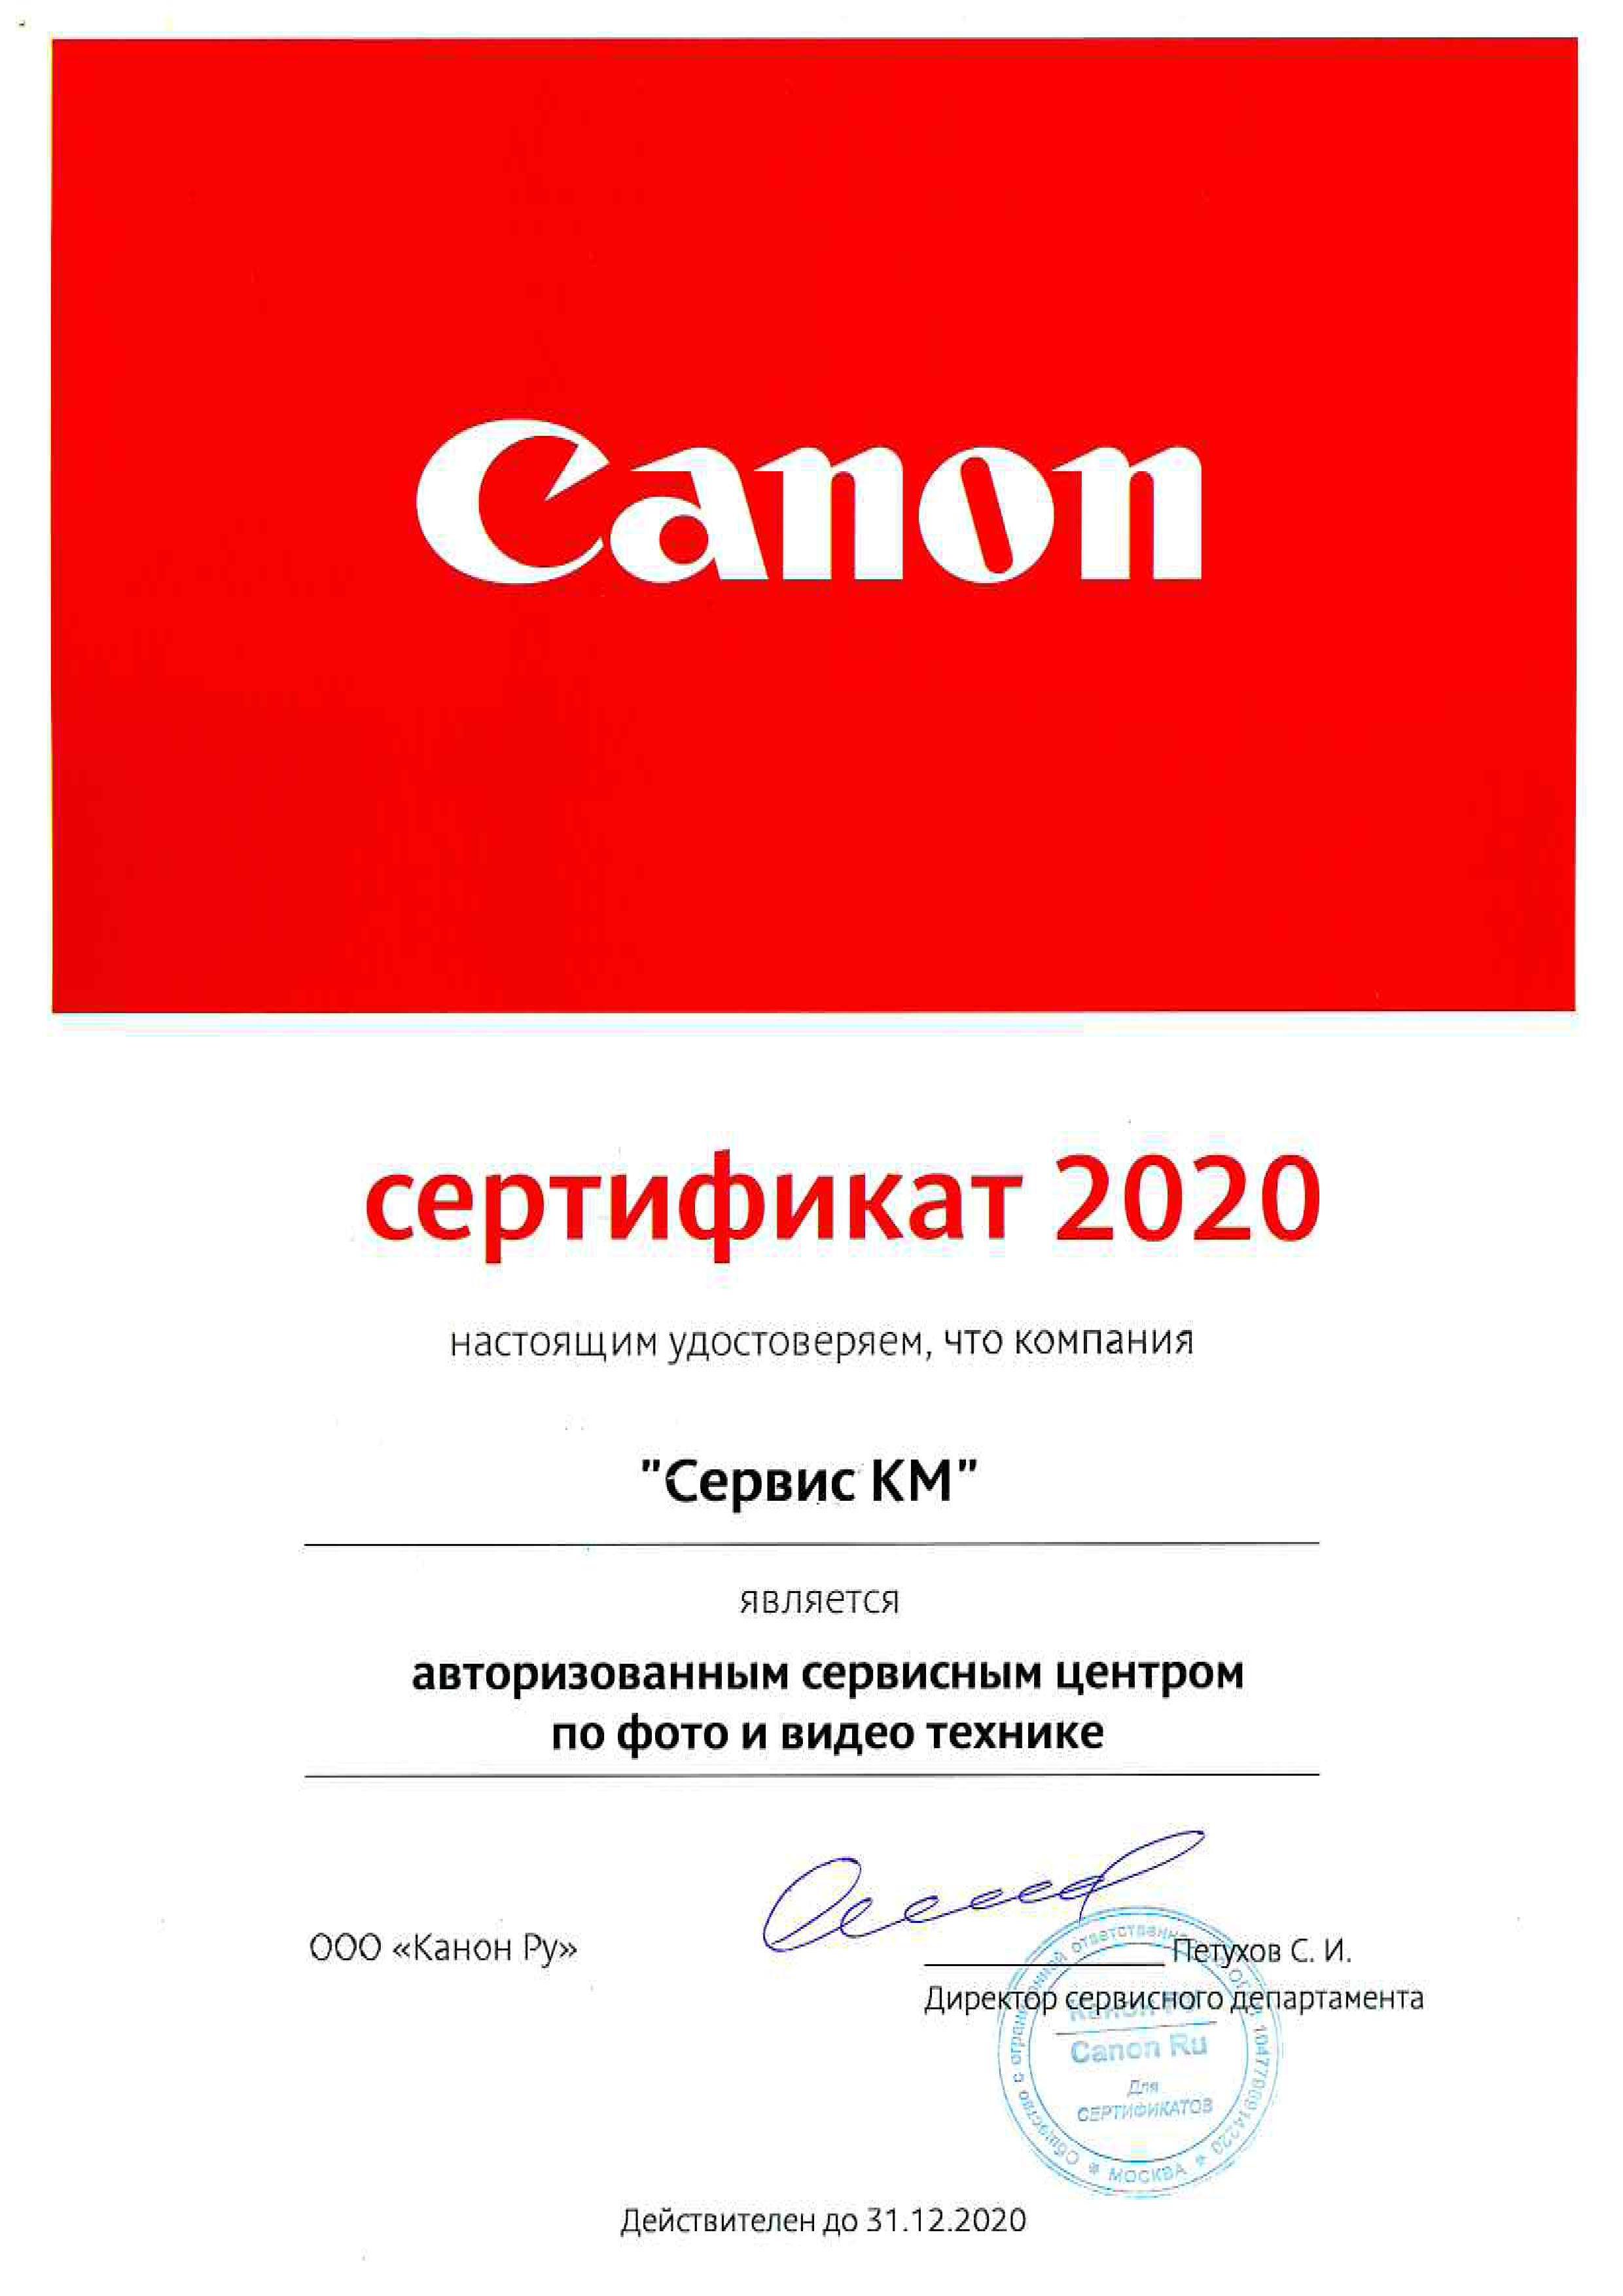 Canon фото и видео 2020